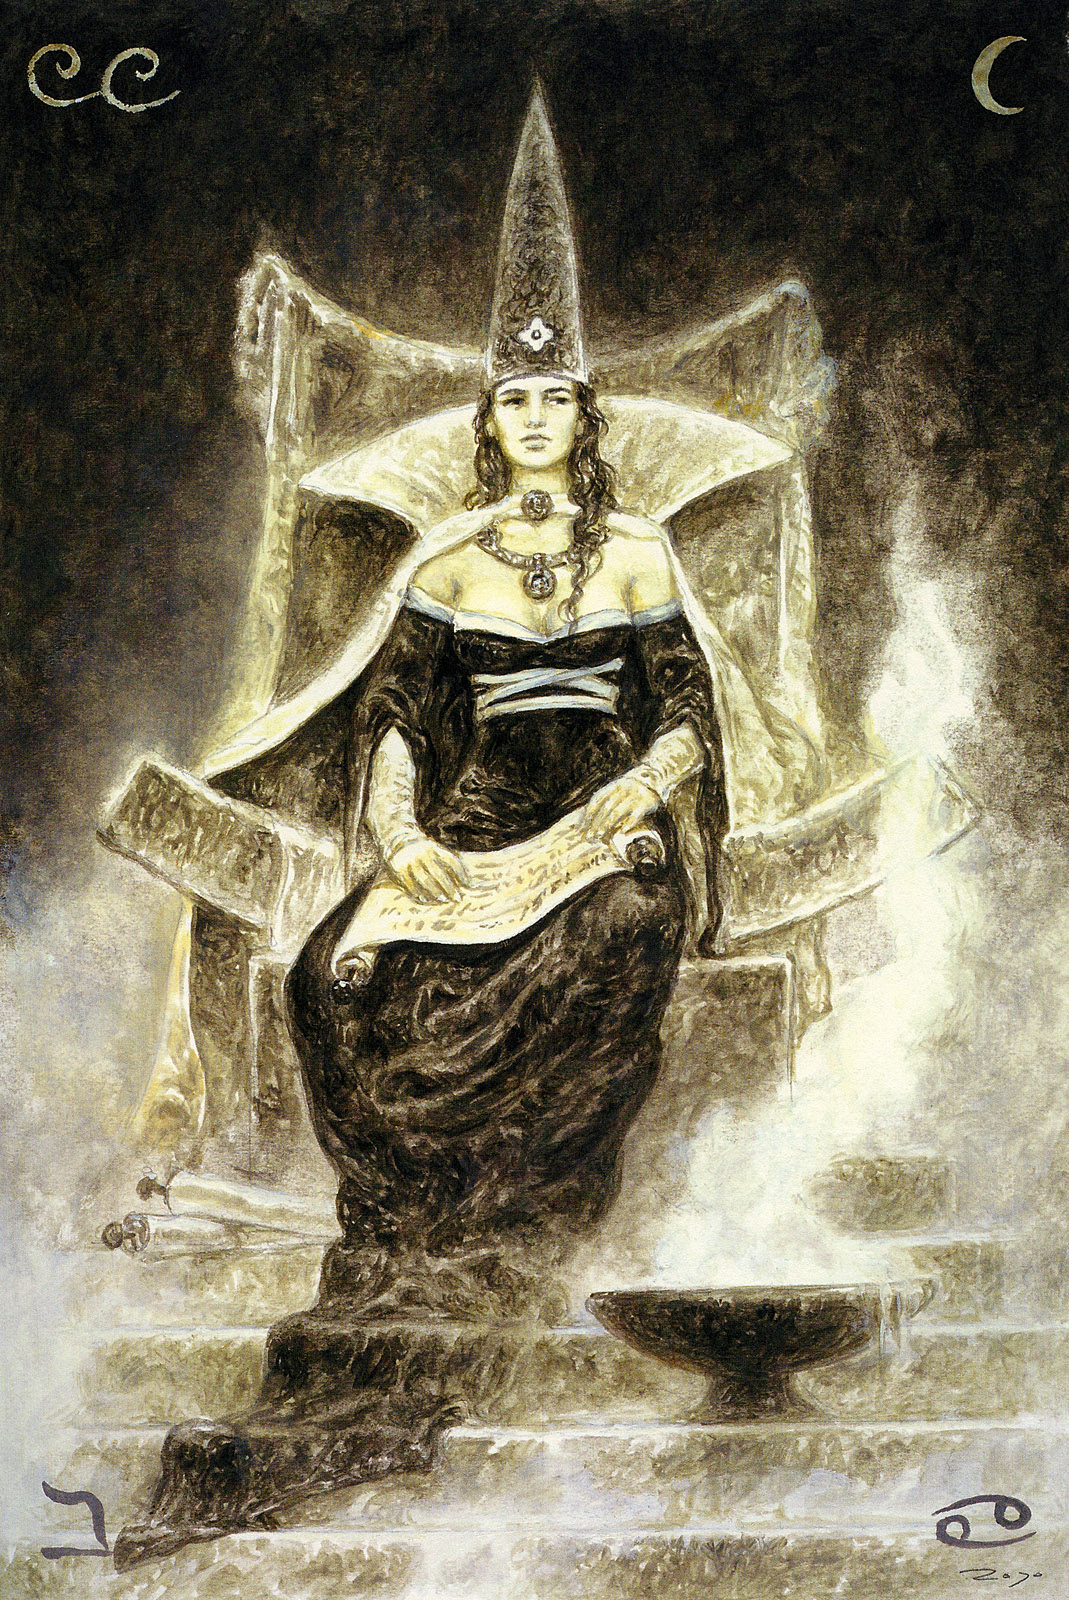 Priestess erotic tube